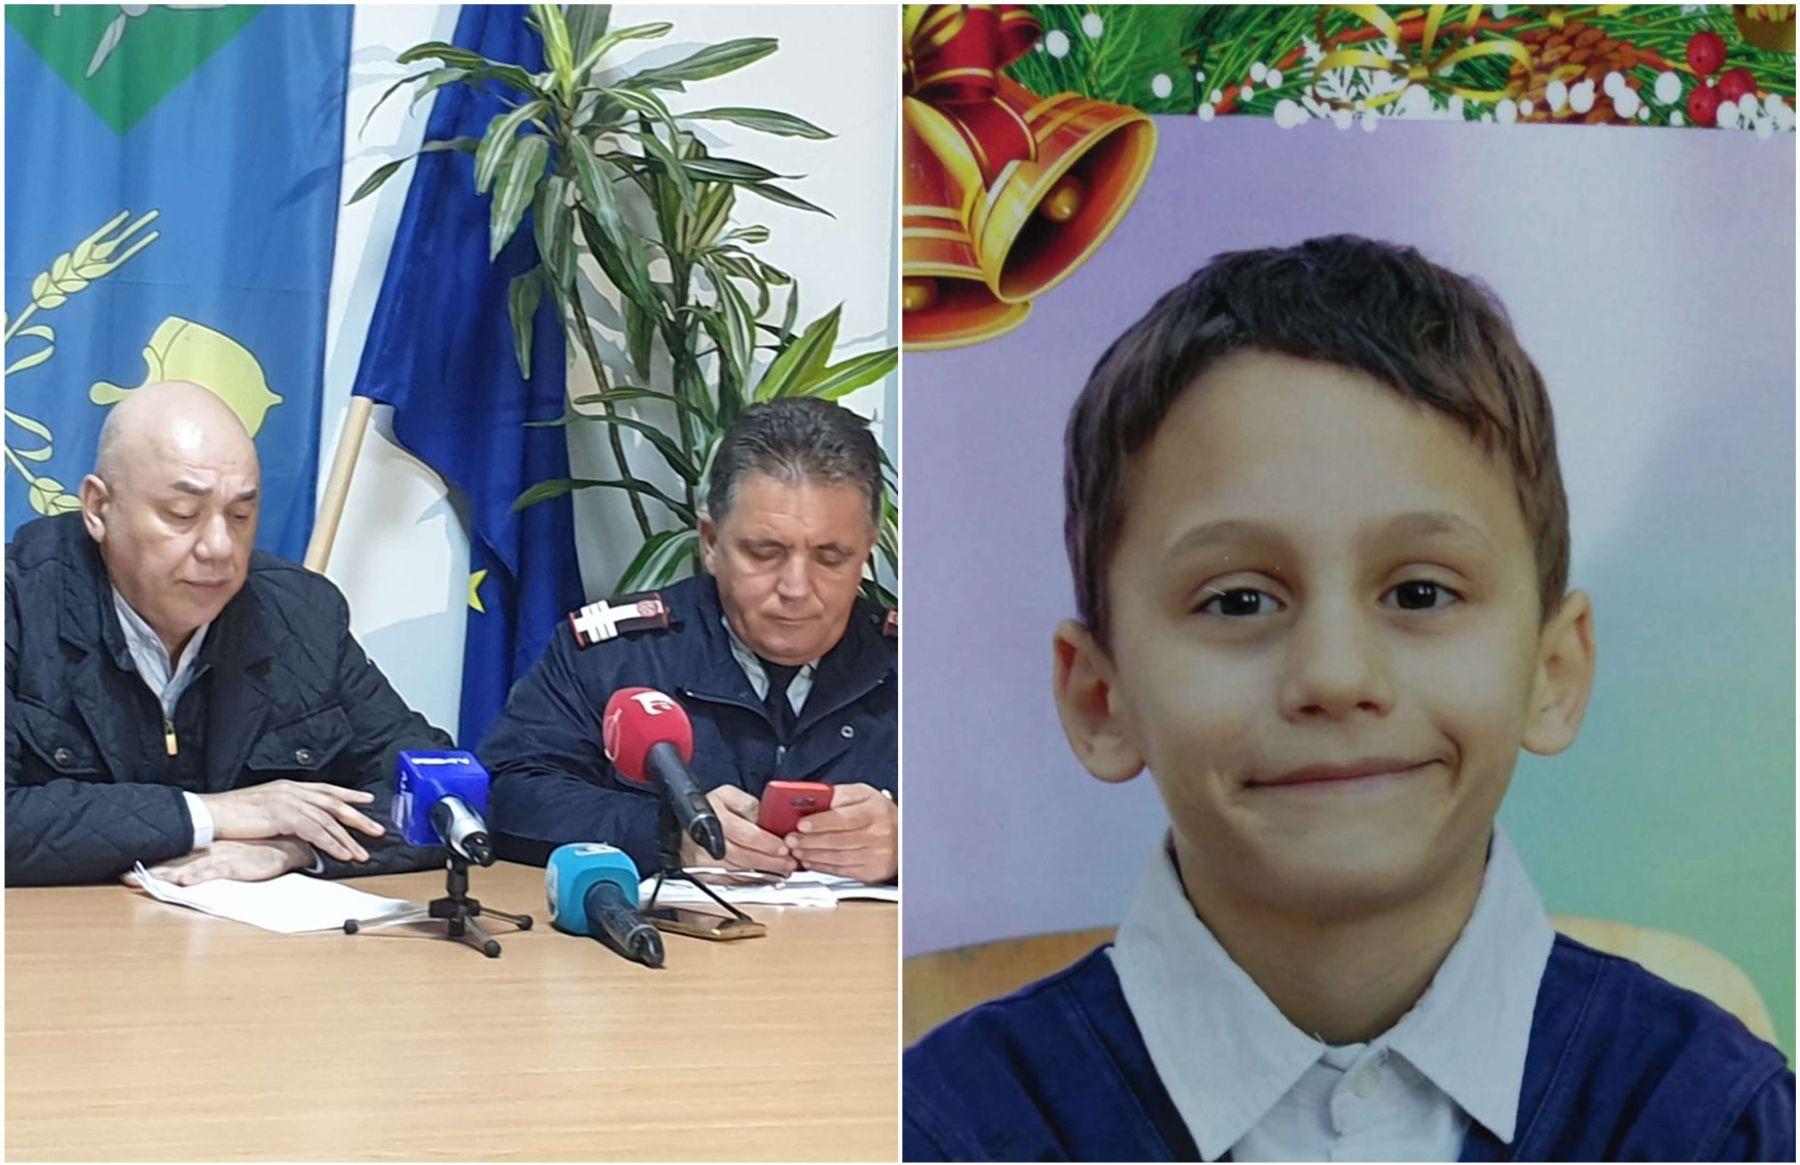 În stânga, șeful IPJ Constanța și șeful ISU Dobrogea, în timpul conferinței de presă susținute vineri, 8 noiembrie 2019, în Pecineagas. În drepta, Alexandru, minorul de 8 ani care a murit înecat în bazinul cu dejecțiile porcilor